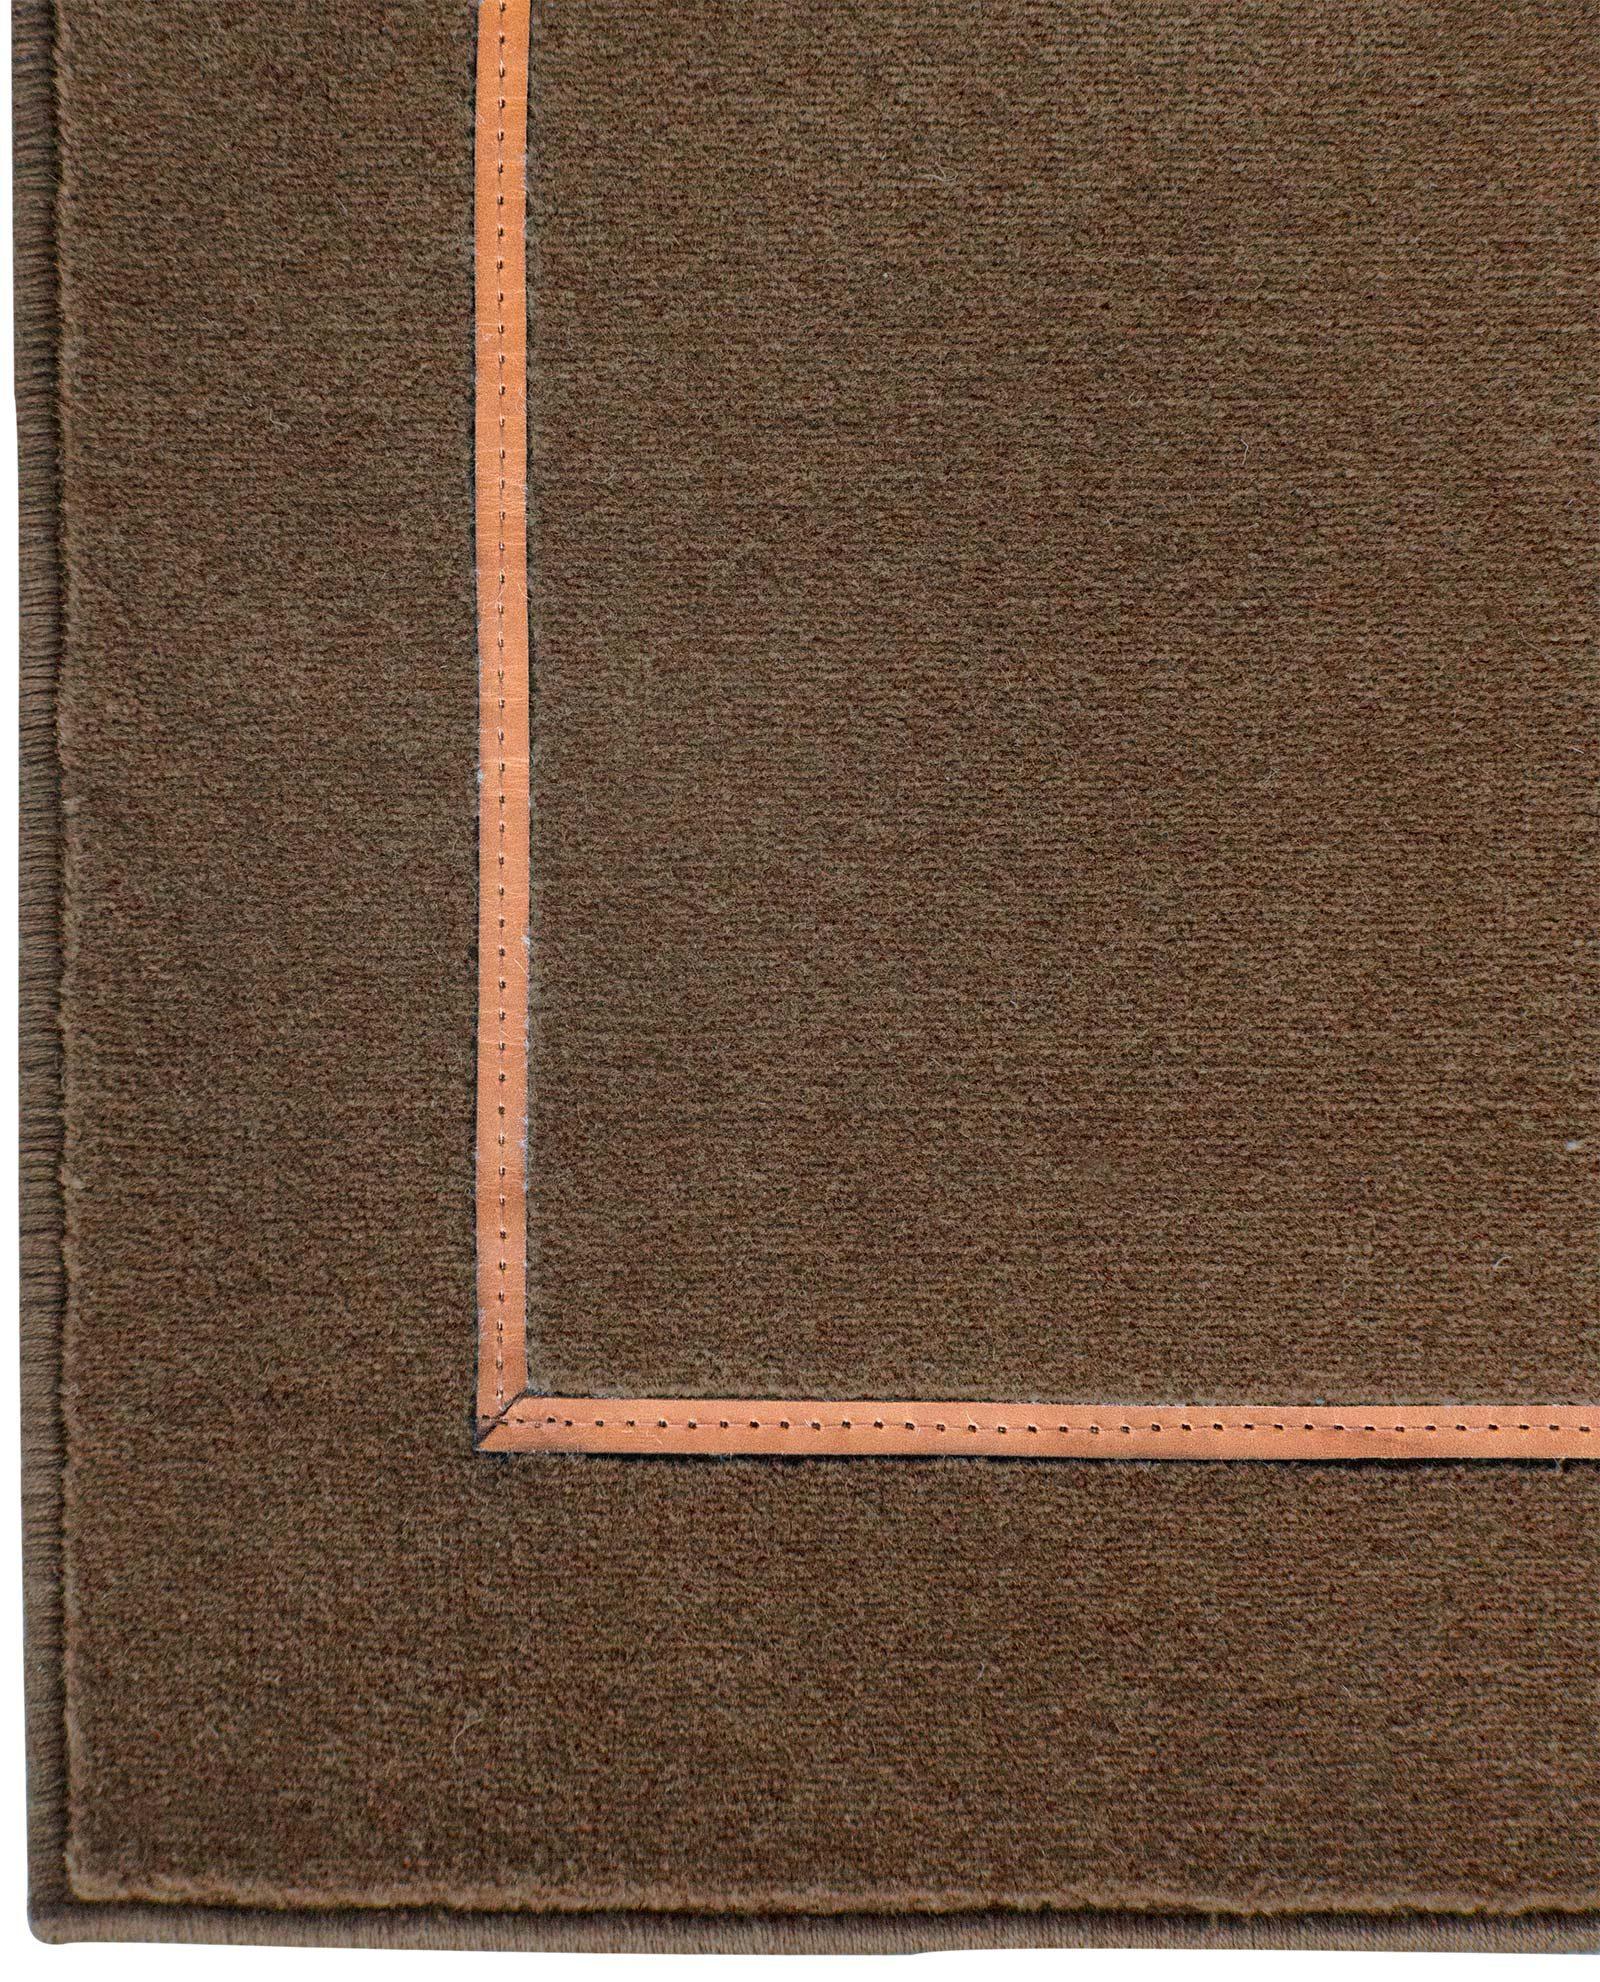 Louis De Poortere Wilton Rugs W Leather Richelieu Velours RV3 9519